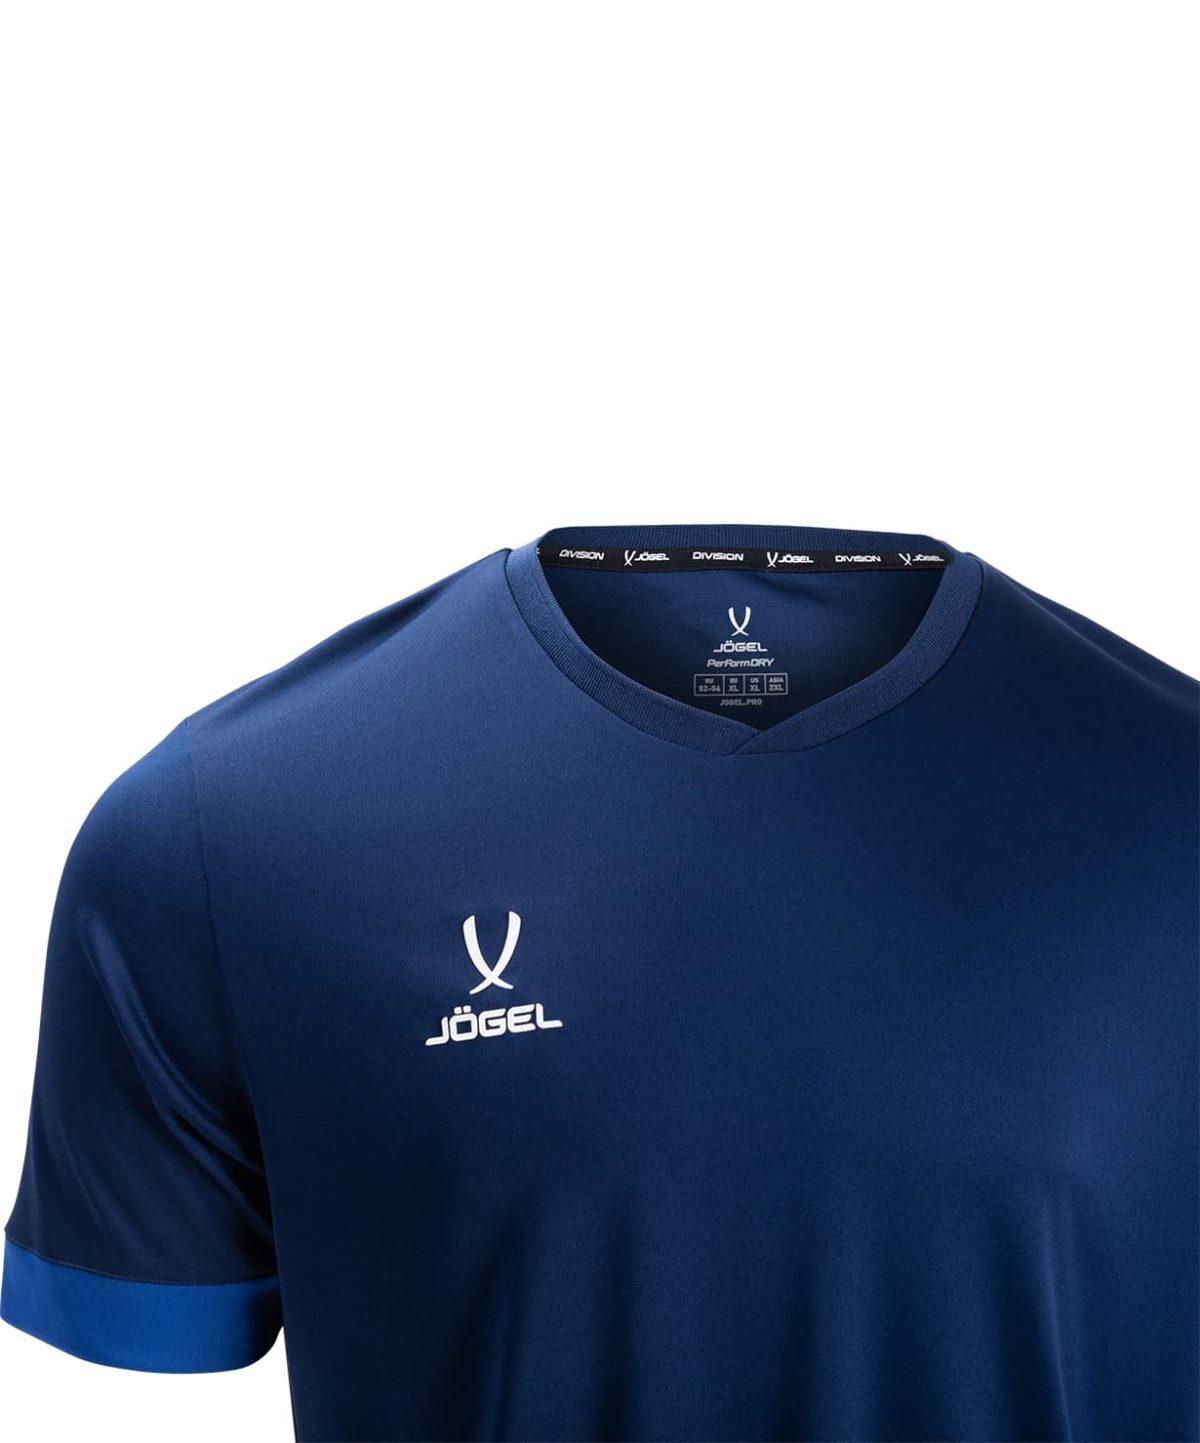 JOGEL DIVISION футболка футбольная детская  Union Jersey: т.синий/синий/белый - 3